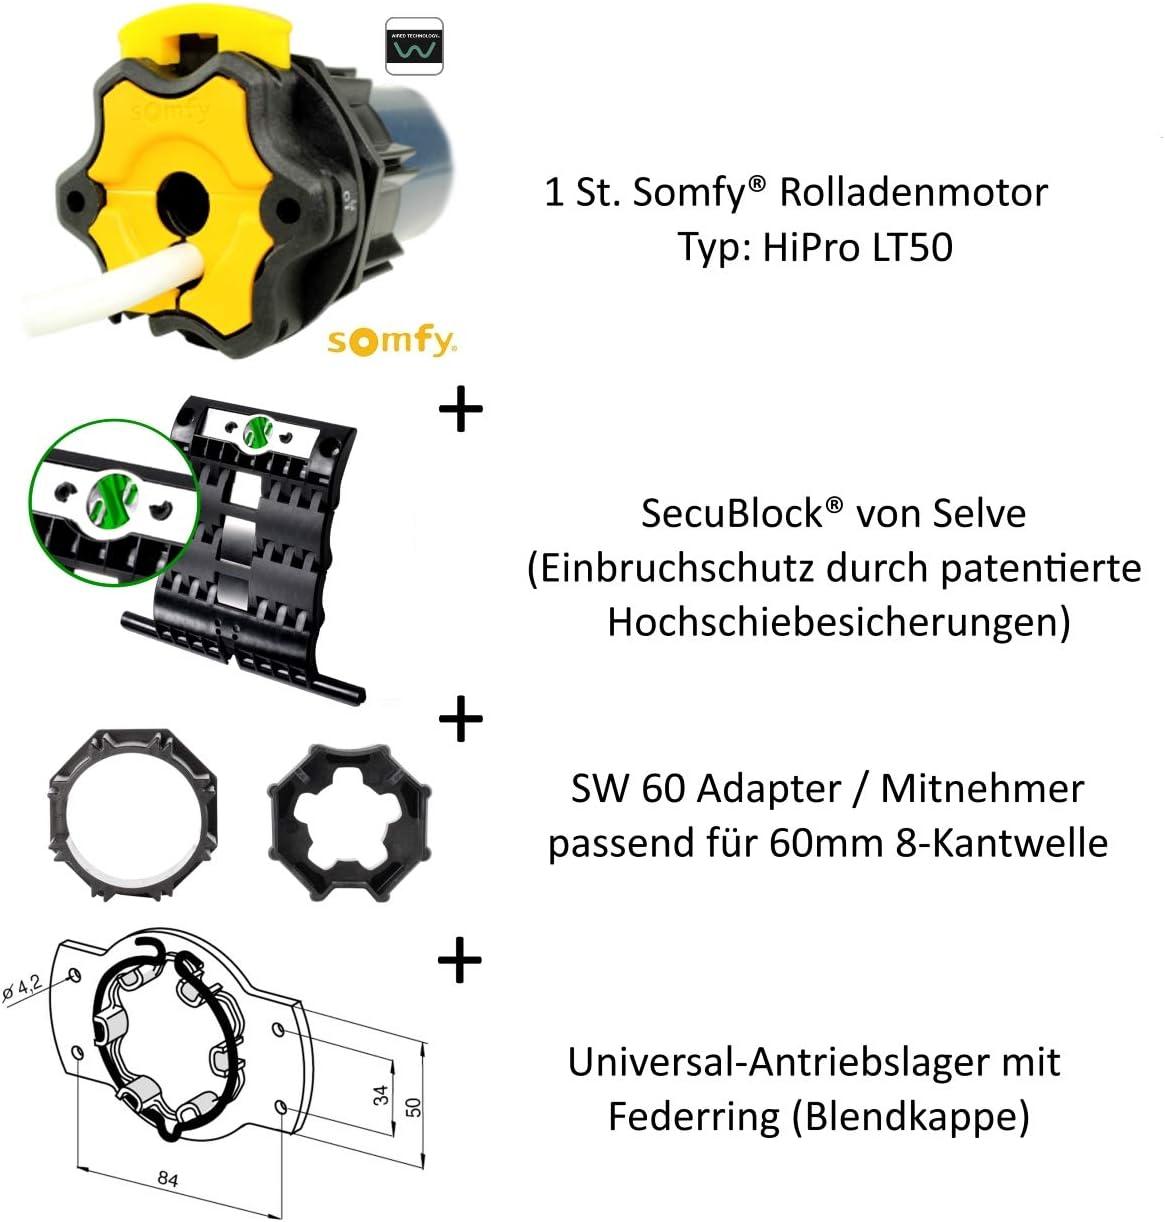 Meteor 20//17 Motorlager Anschlusskabel und SW 60 Adapter//Mitnehmer. Somfy HiPro LT50 hochwertiger mechanischer Rohrmotor von Somfy: Rolladenmotor HiPro LT50 inklusive 3 Hochschiebesicherungen